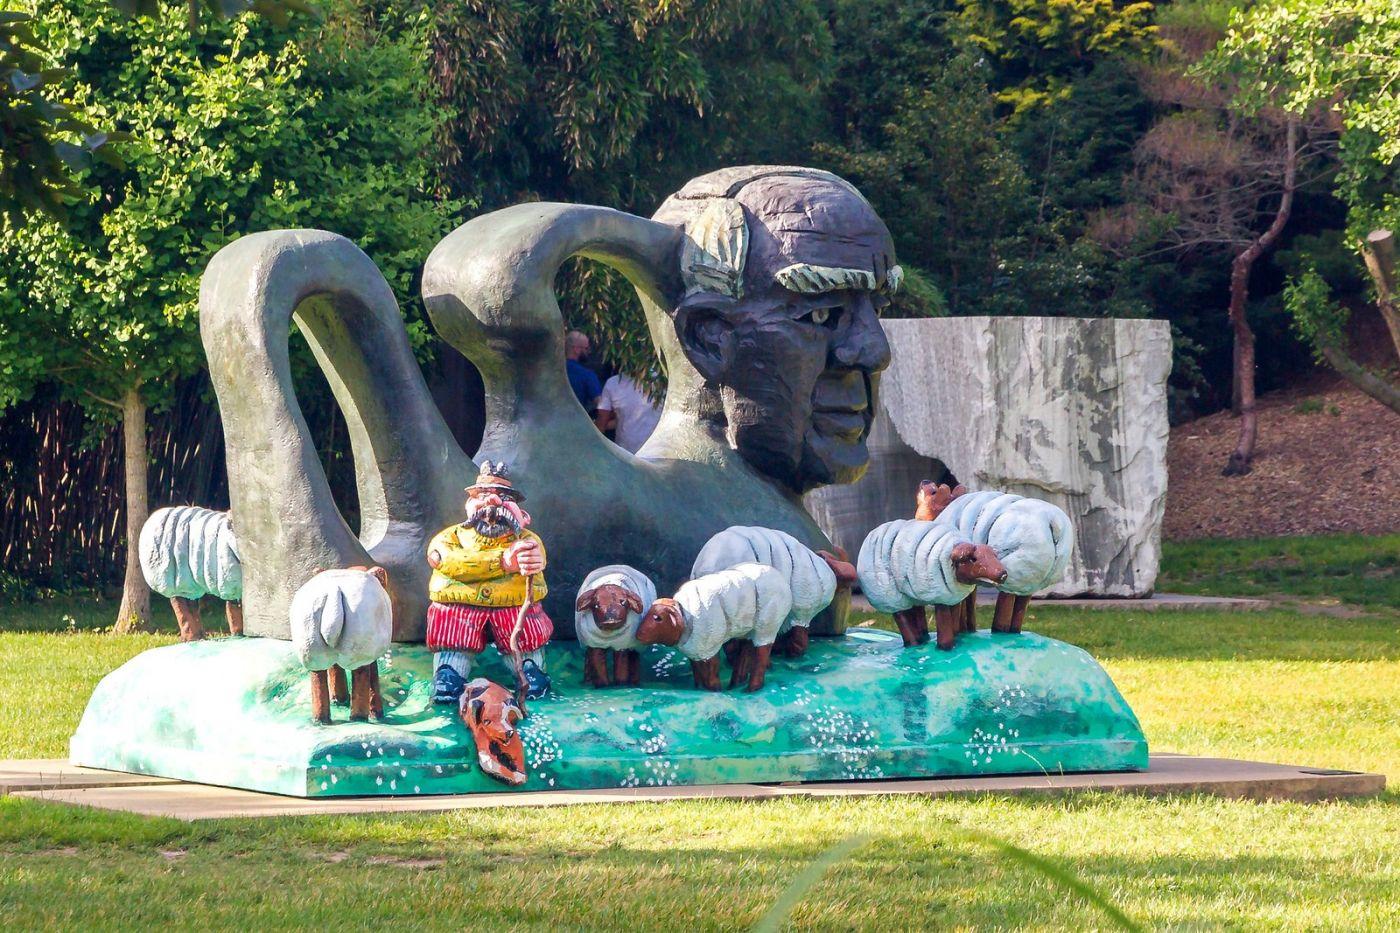 新澤西州雕塑公園(Grounds for scuplture),題材很廣_圖1-13